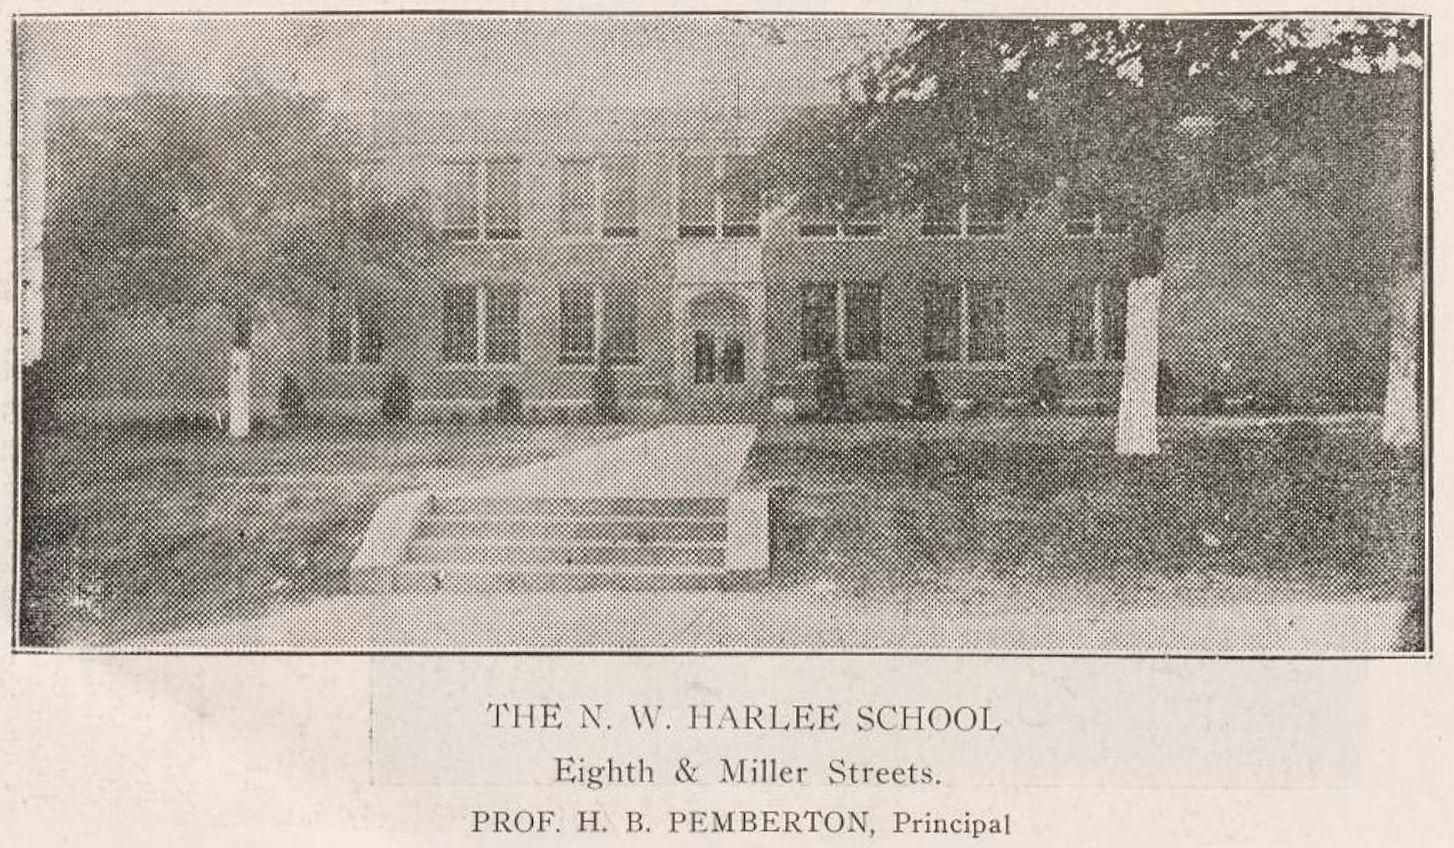 harllee-school_dallas-negro-directory_1930_portal